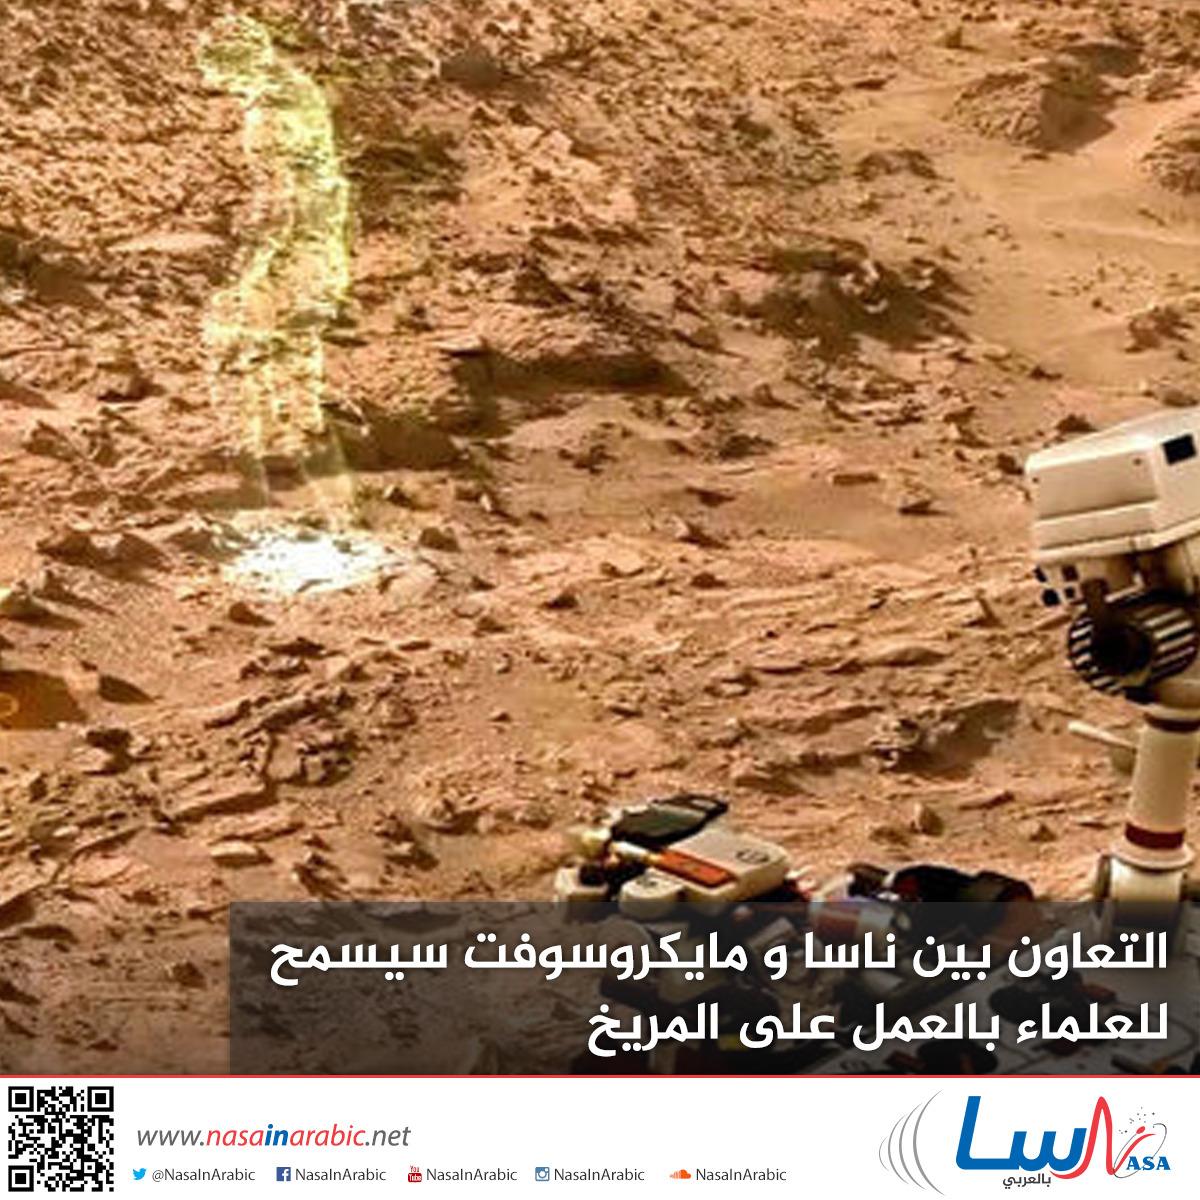 التعاون بين ناسا و مايكروسوفت سيسمح للعلماء بالعمل على المريخ